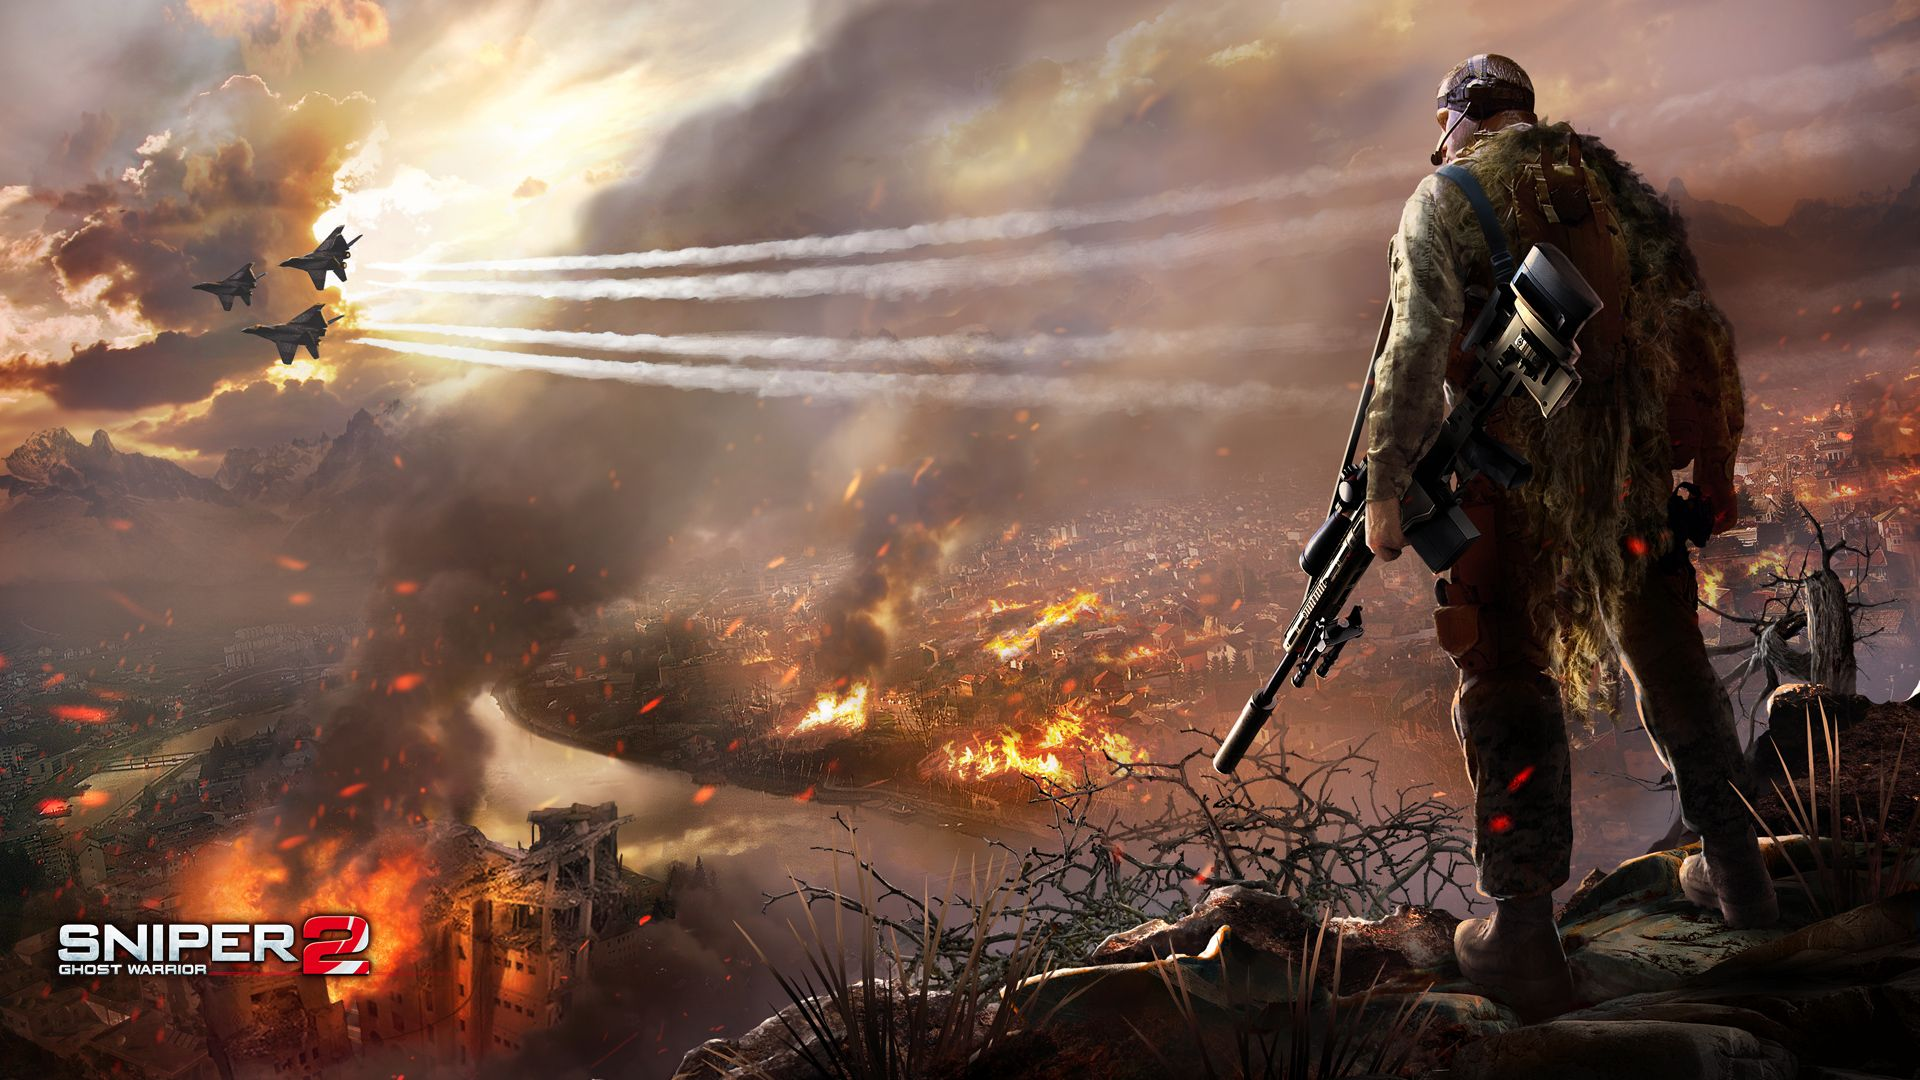 Sniper Desktop Wallpaper